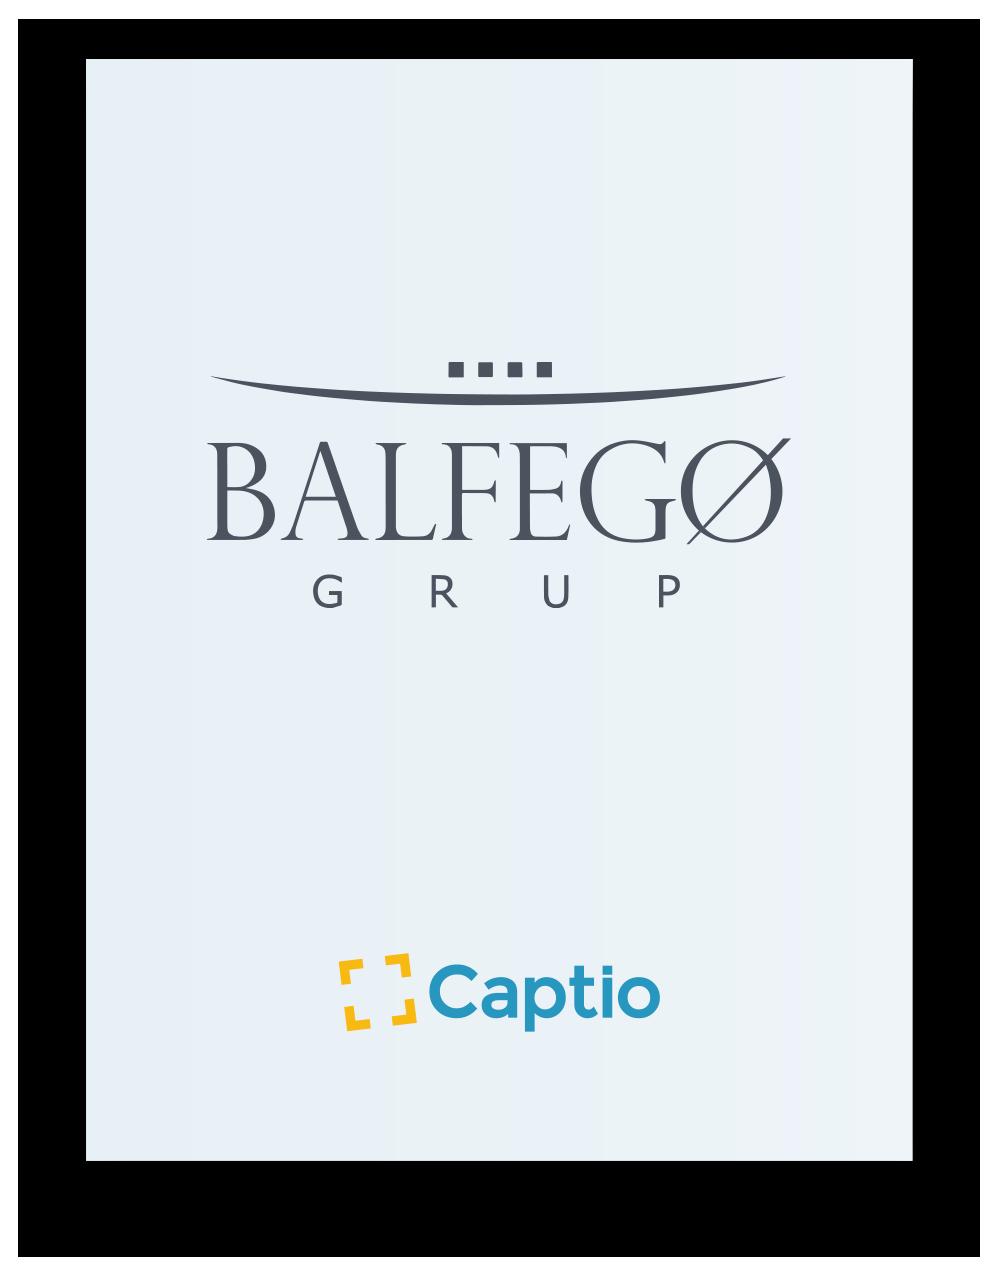 Cómo GRUPO BALFEGÓ ha logrado gestionar de forma coherente y eficaz sus viajes internacionales con Emburse Captio - Casos de éxito